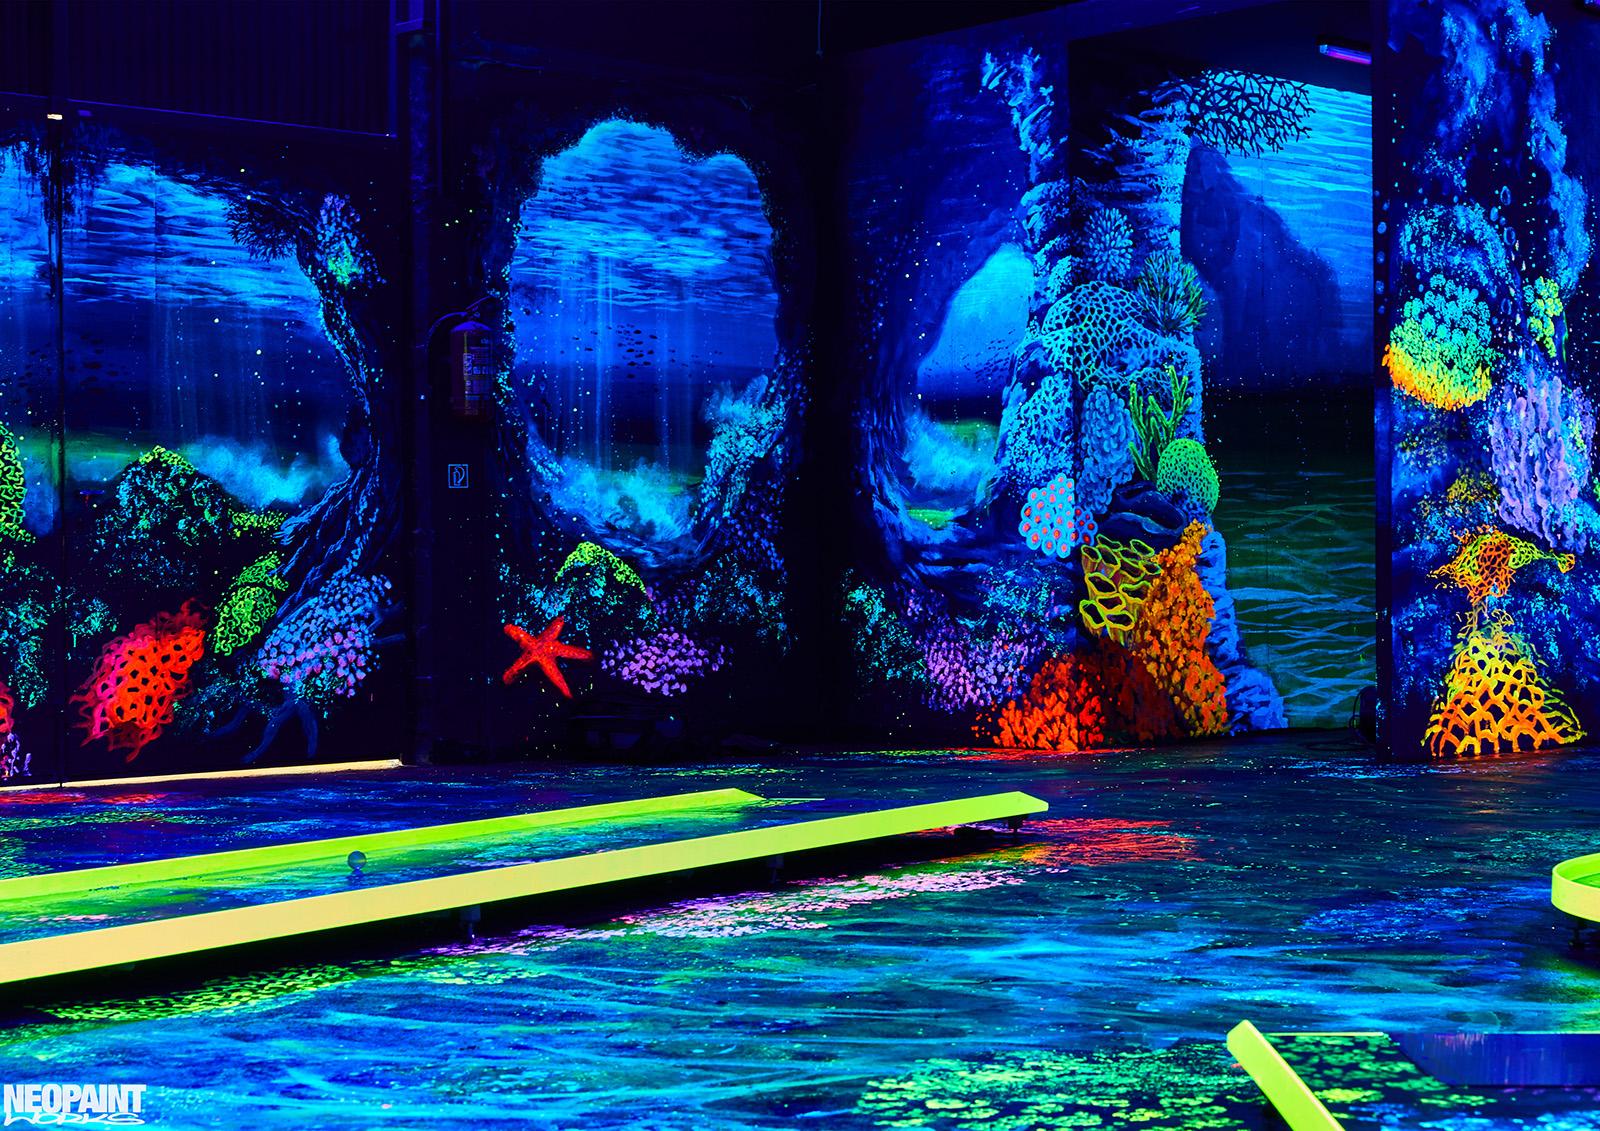 UV festés - fluoreszkáló festmény - neopaint works